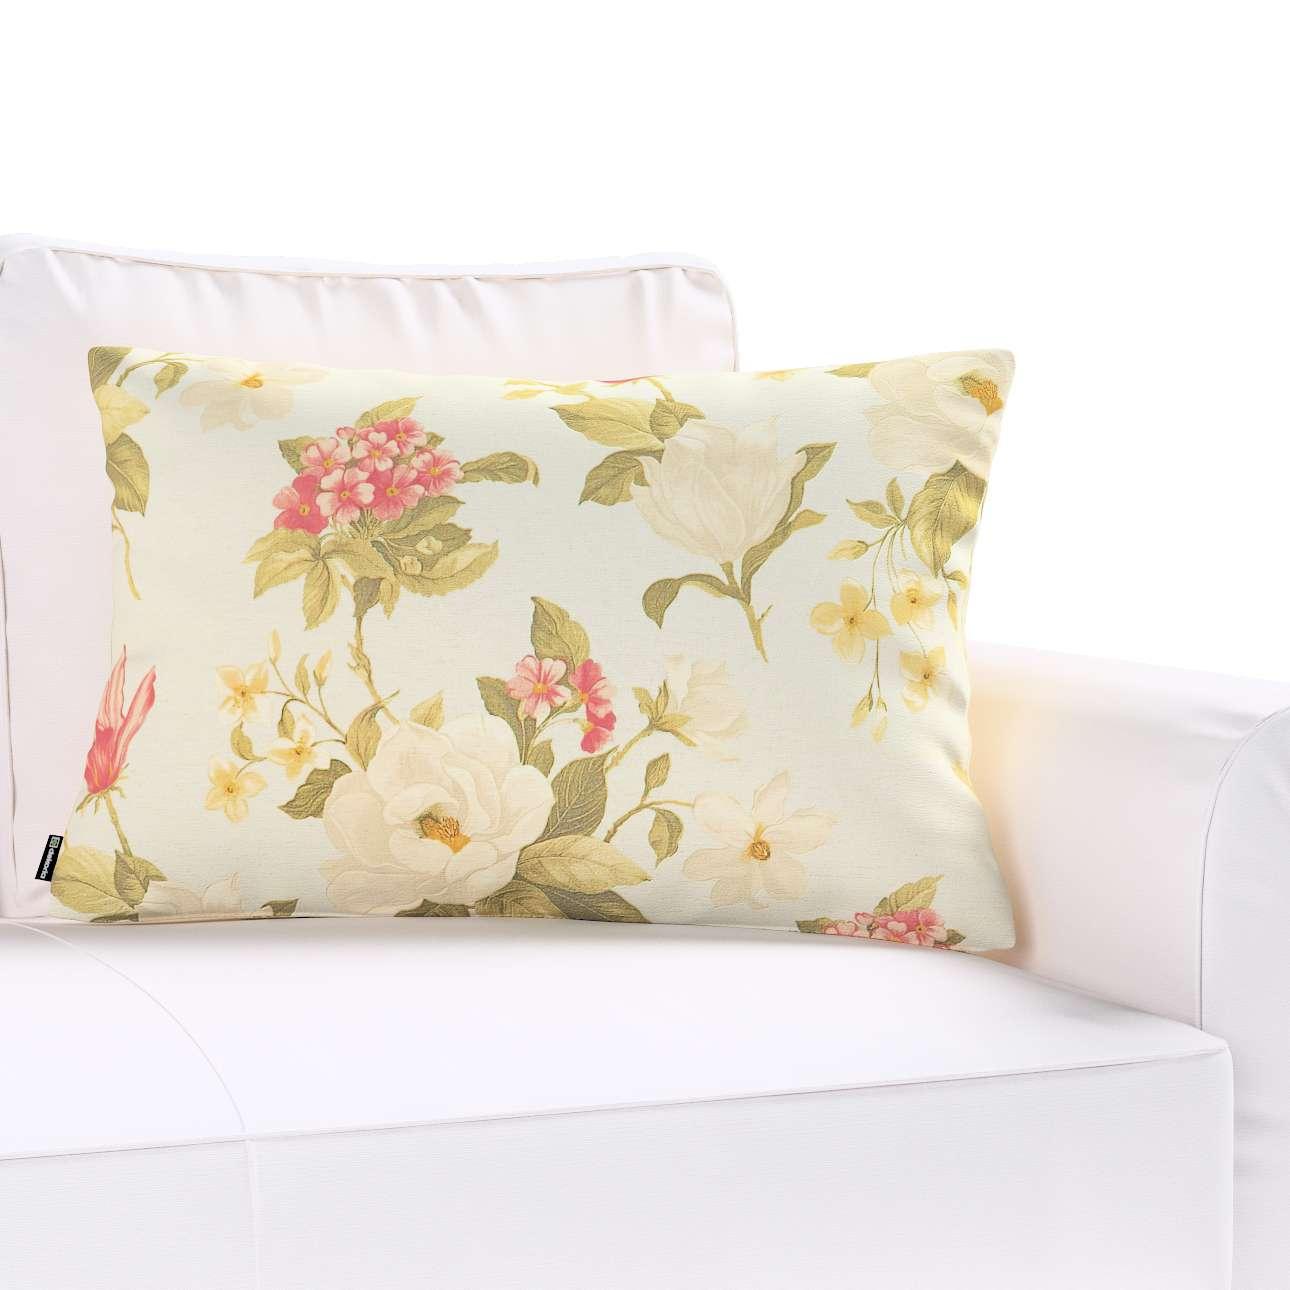 Kinga dekoratyvinės pagalvėlės užvalkalas 60x40cm 60x40cm kolekcijoje Londres, audinys: 123-65